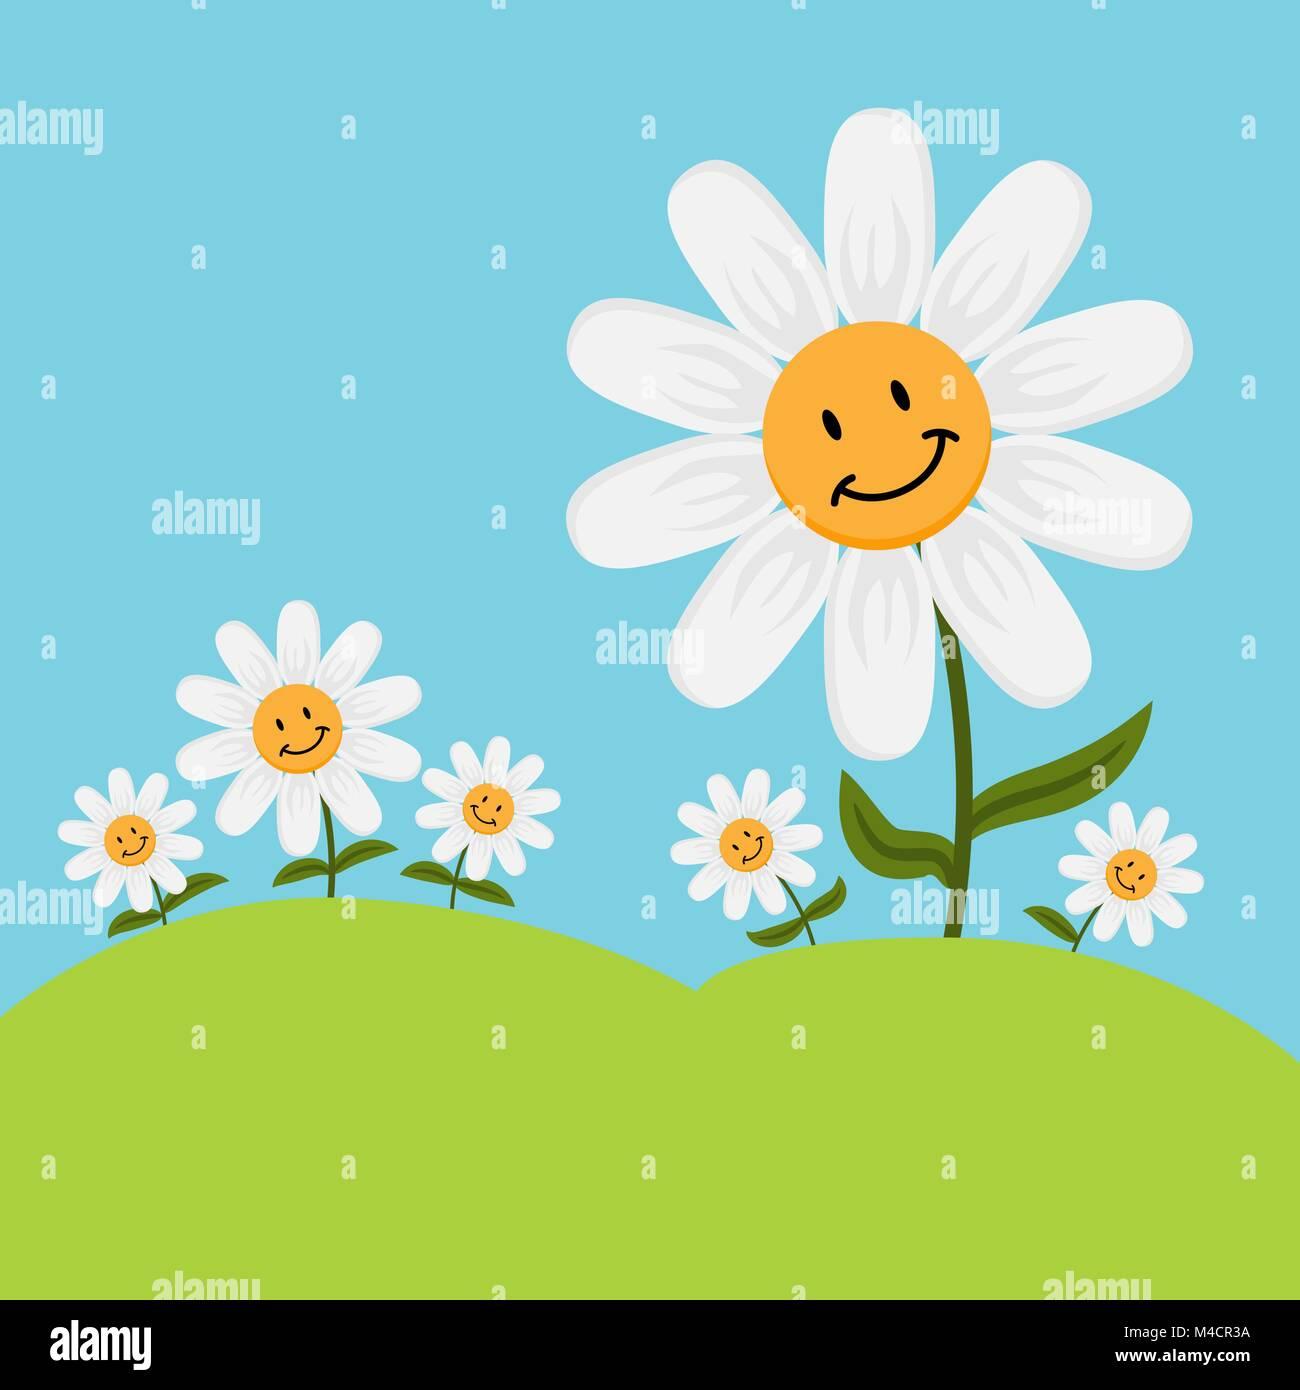 Clip art daisy stock photos clip art daisy stock images page 5 an image of cartoon smiling daisy flowers stock image izmirmasajfo